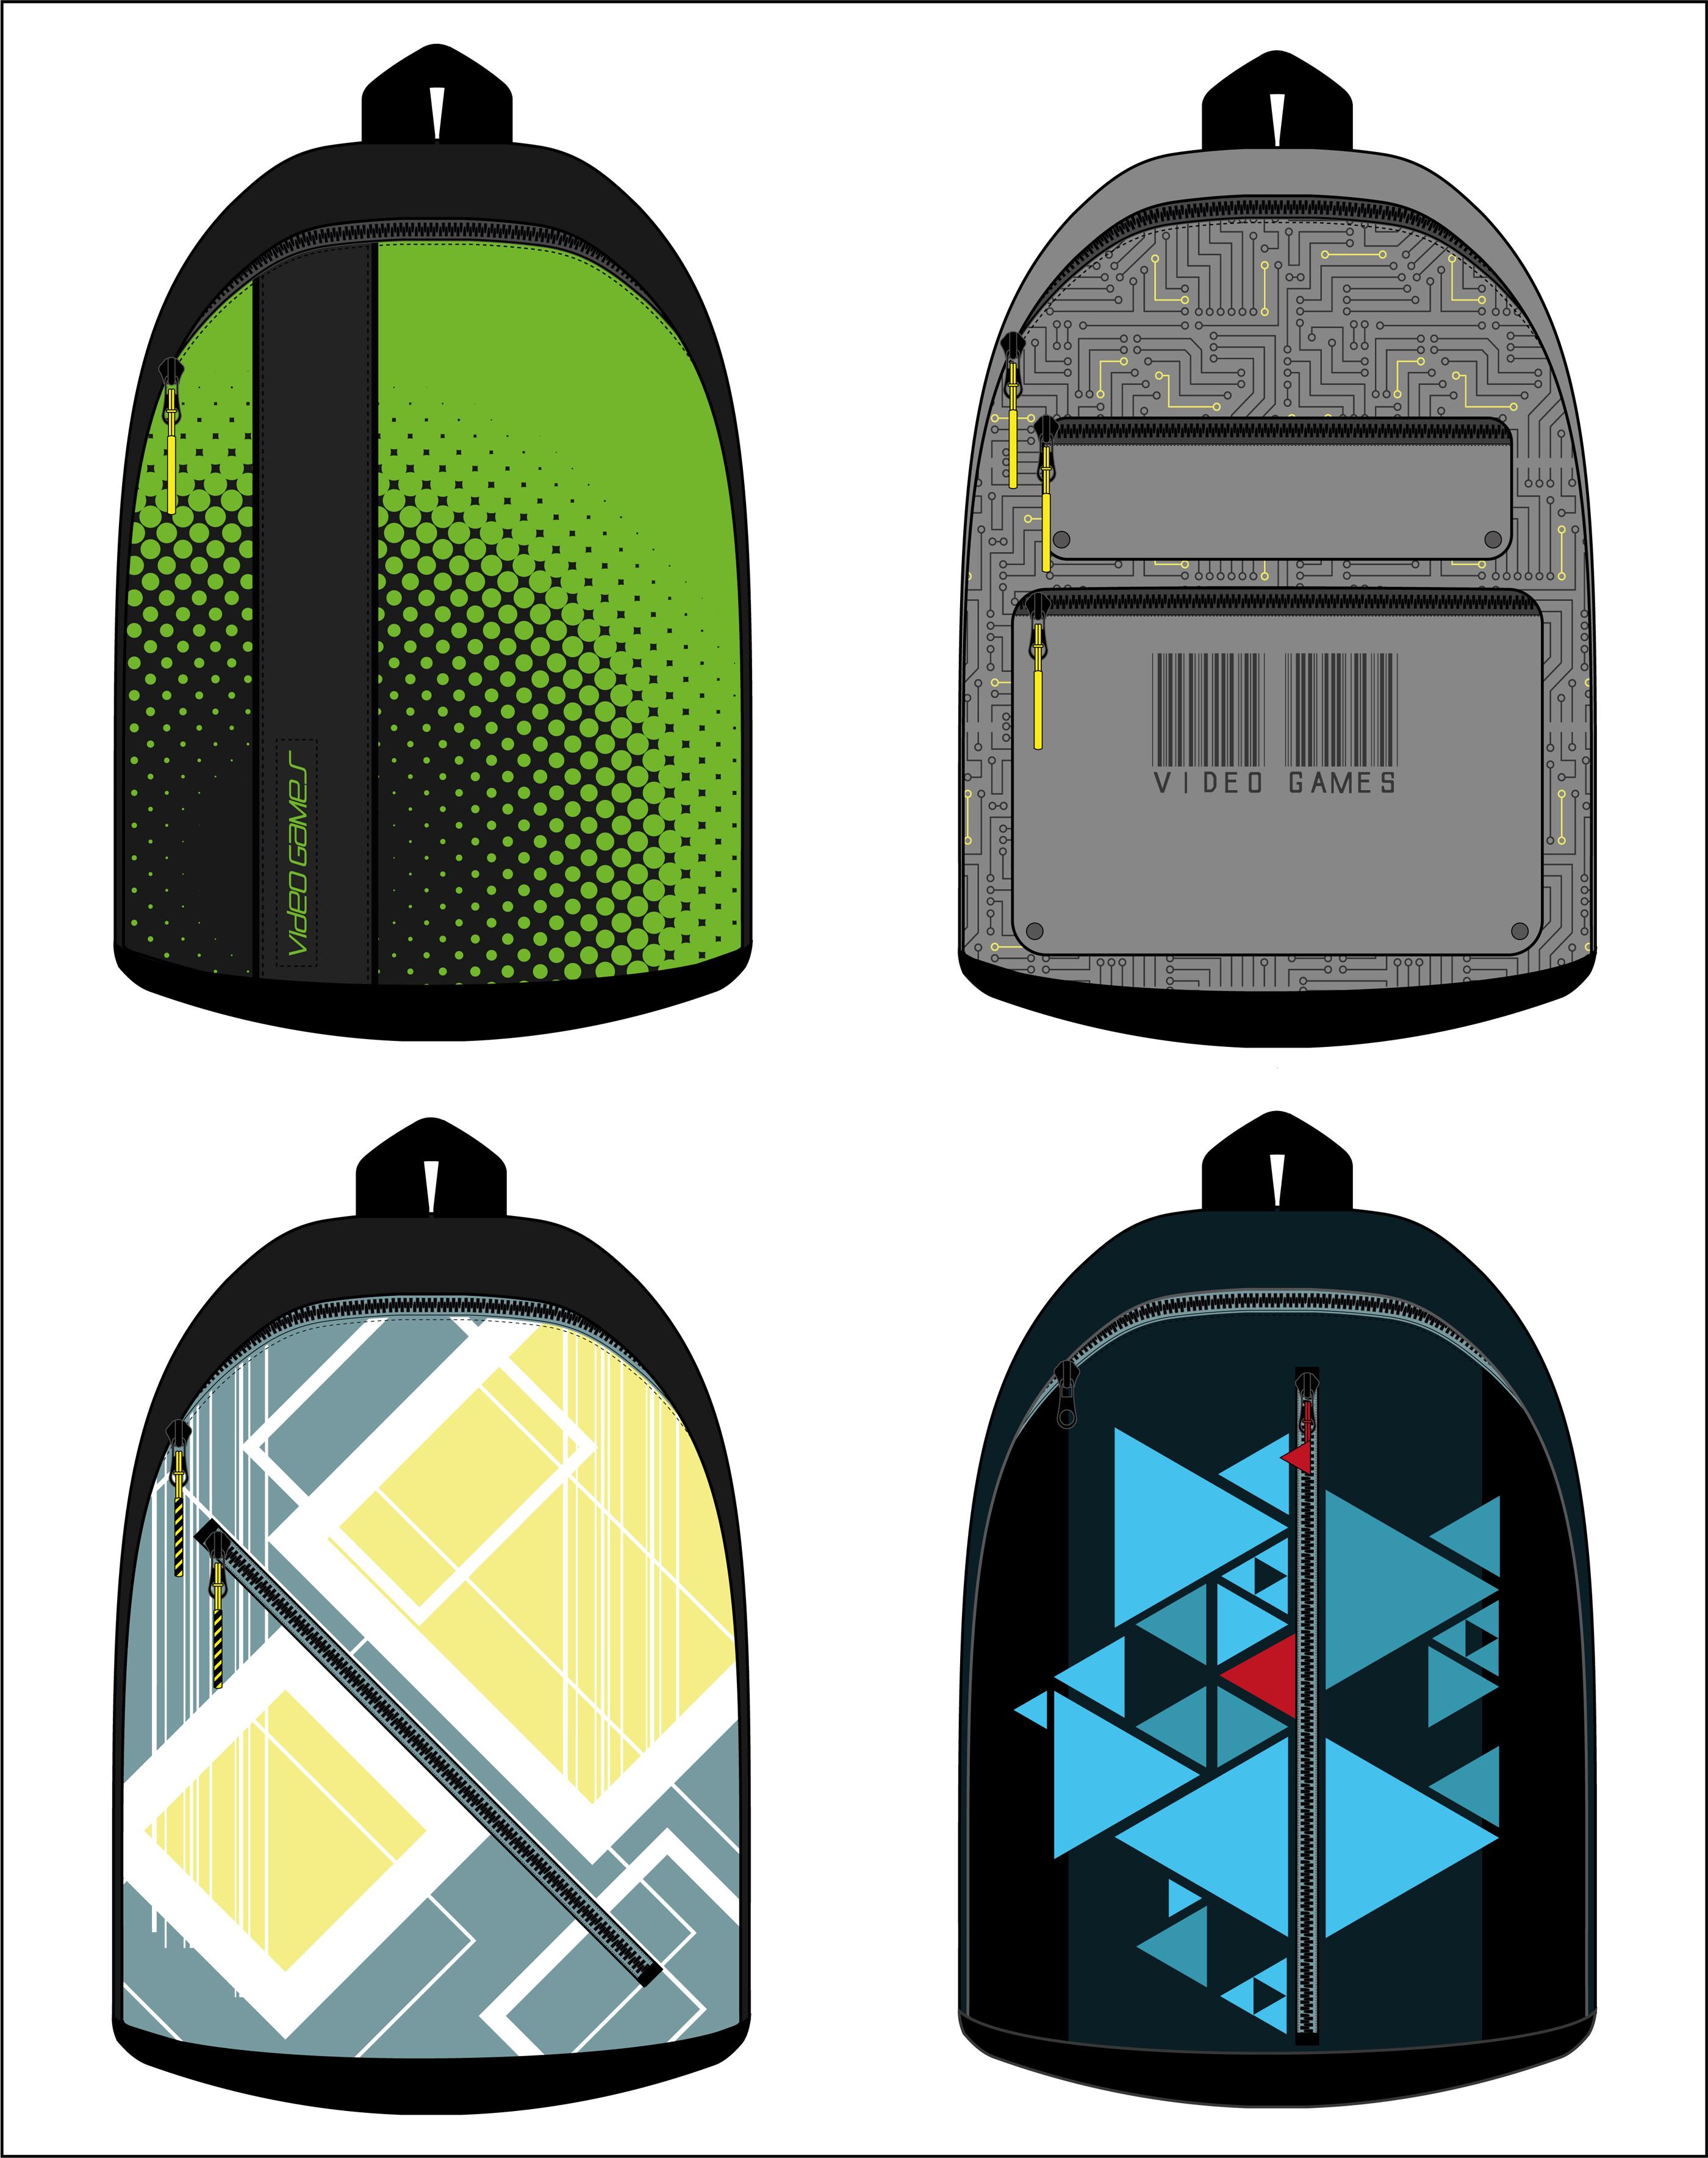 Конкурс на создание оригинального принта для рюкзаков фото f_8725f8c4063ecb15.jpg